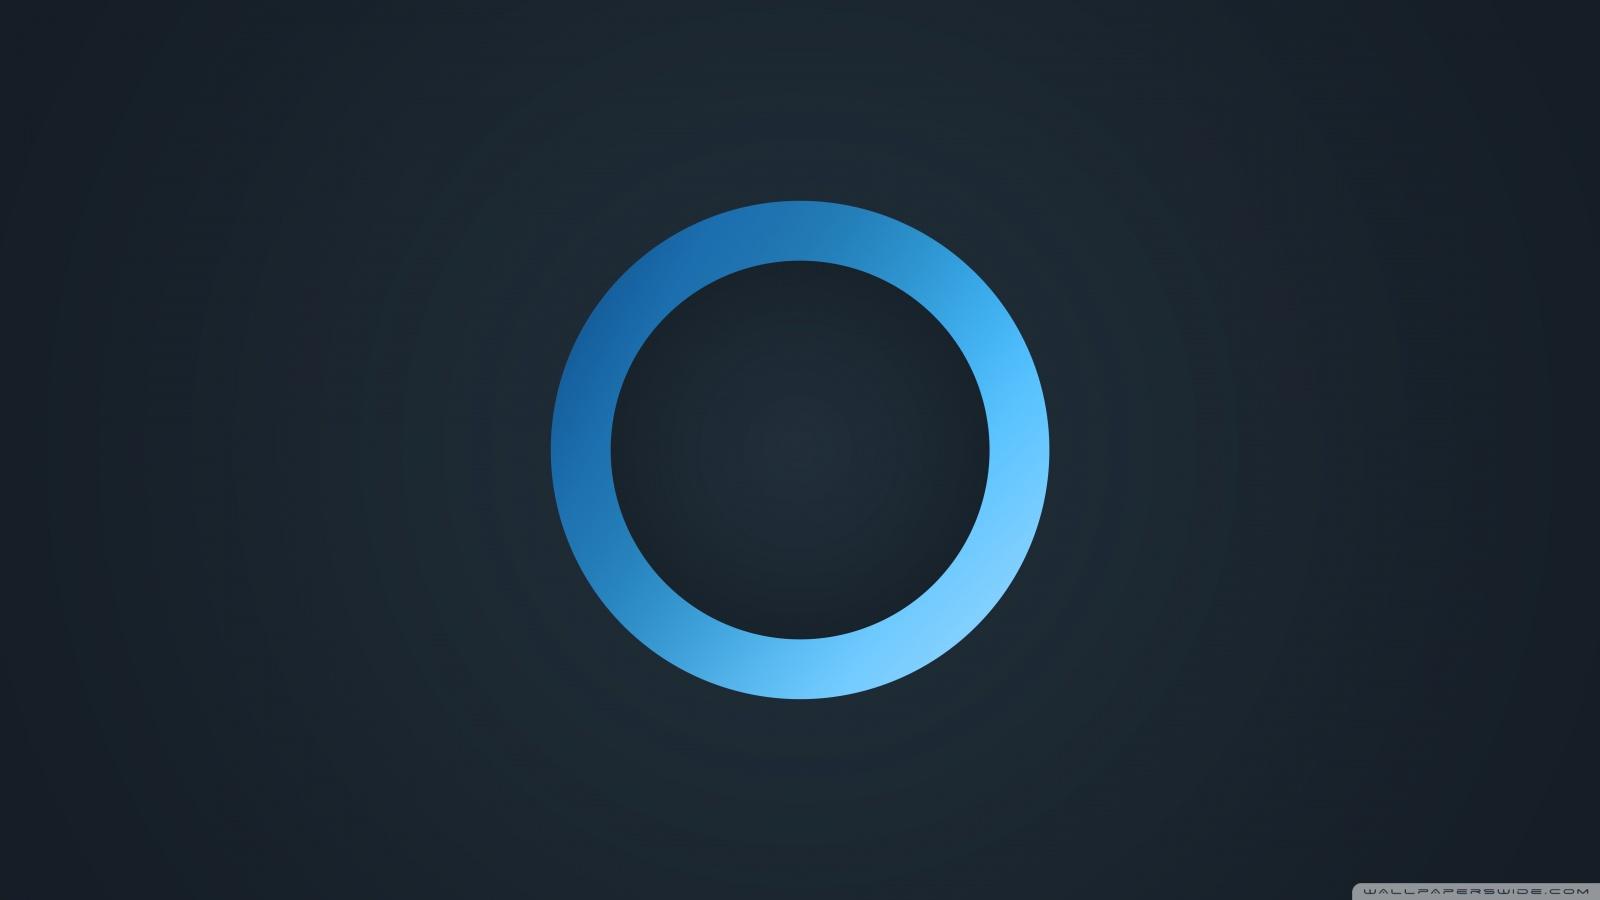 blue_ring-wallpaper-1600×900